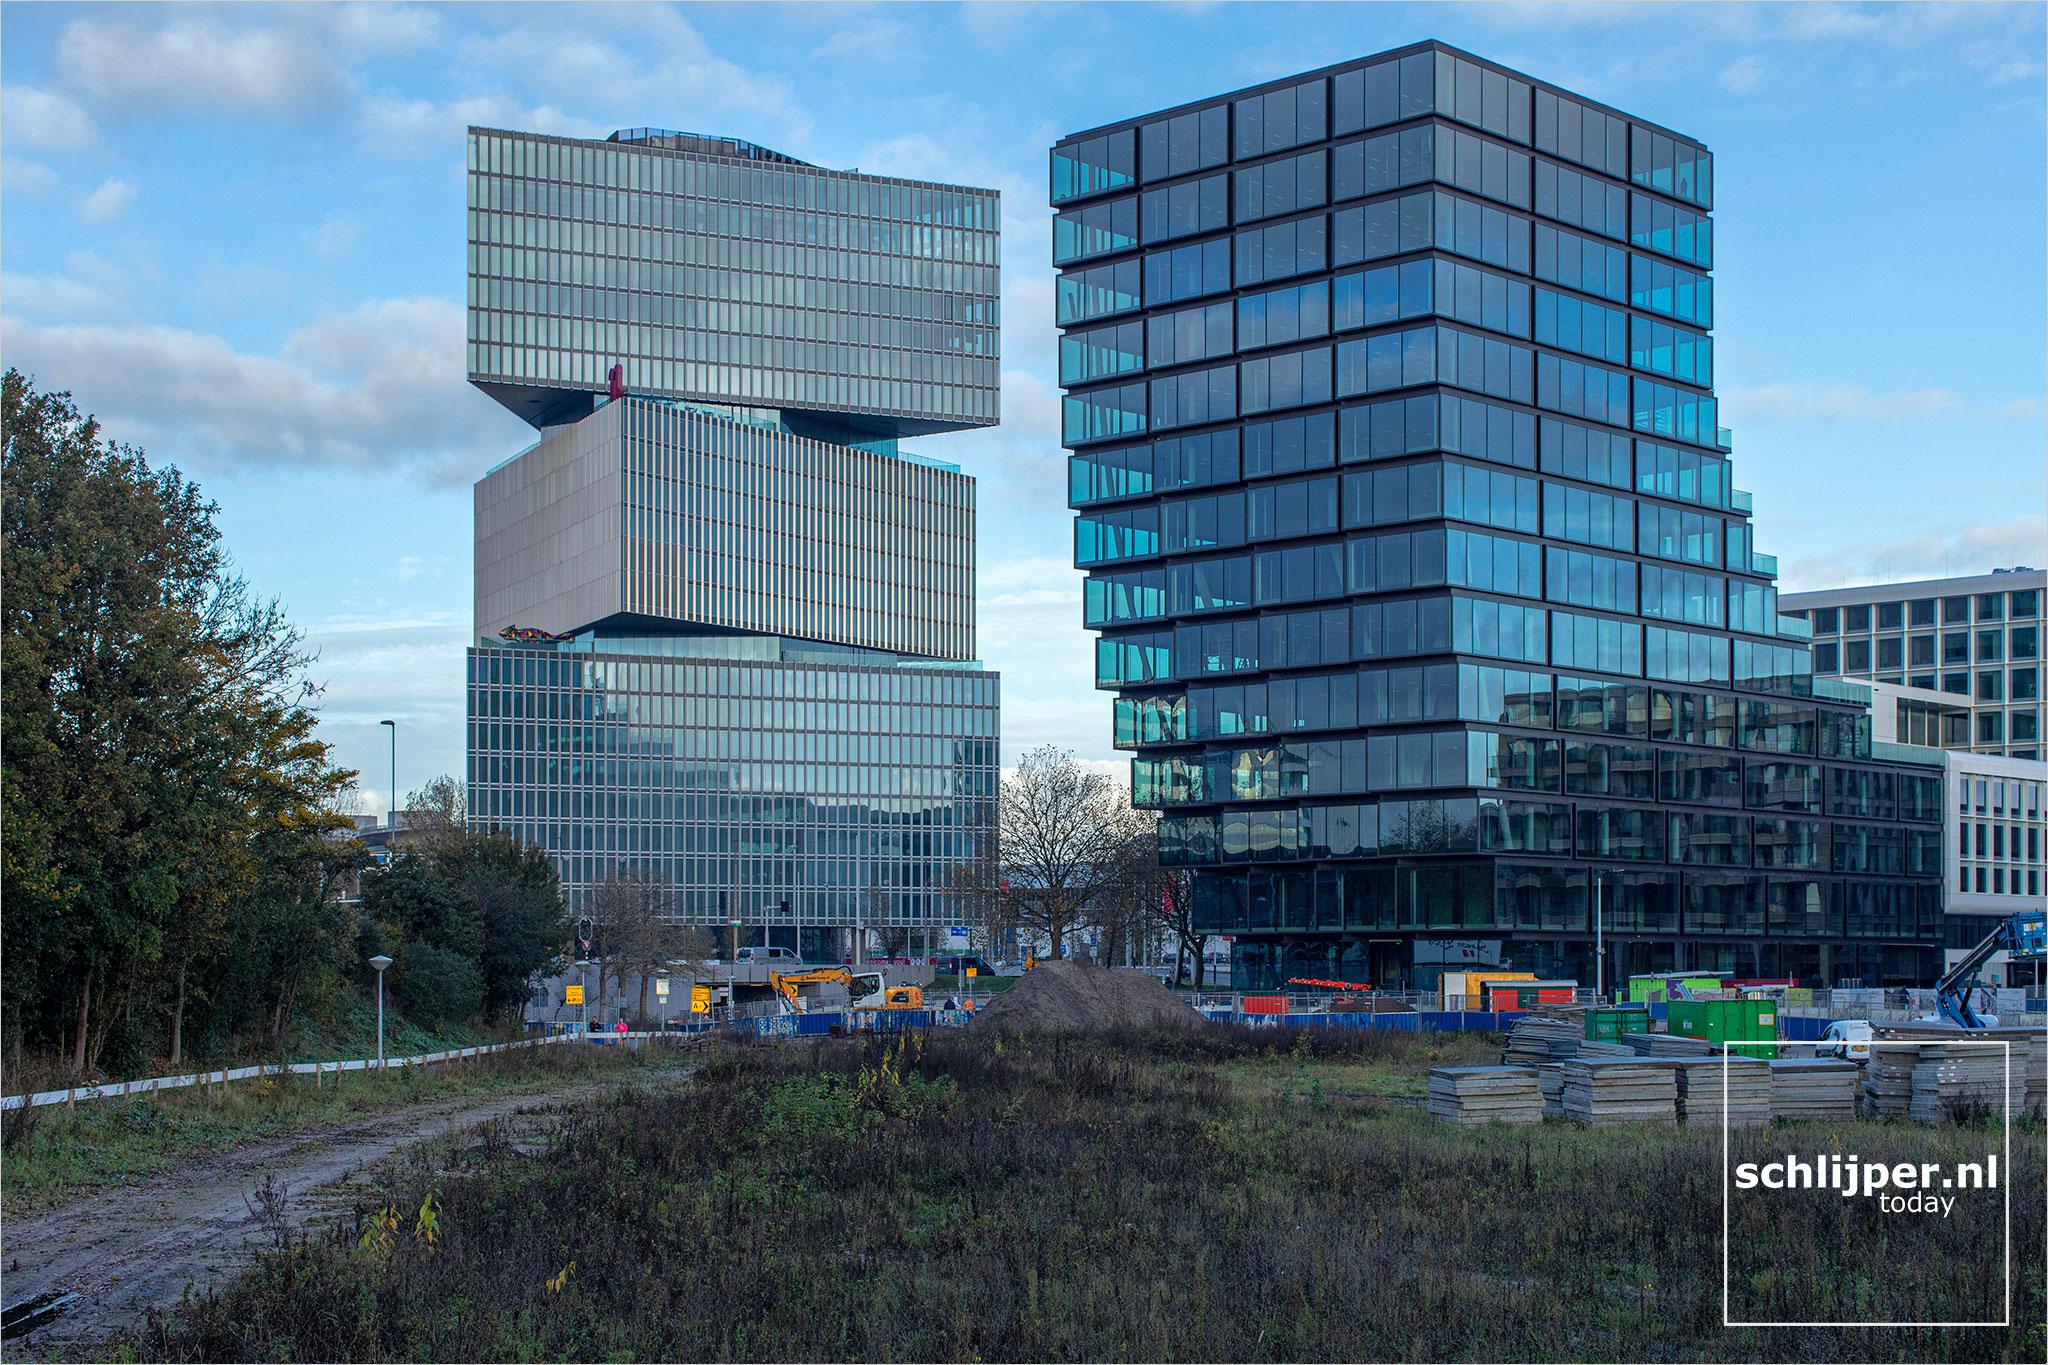 Nederland, Amsterdam, 5 november 2020